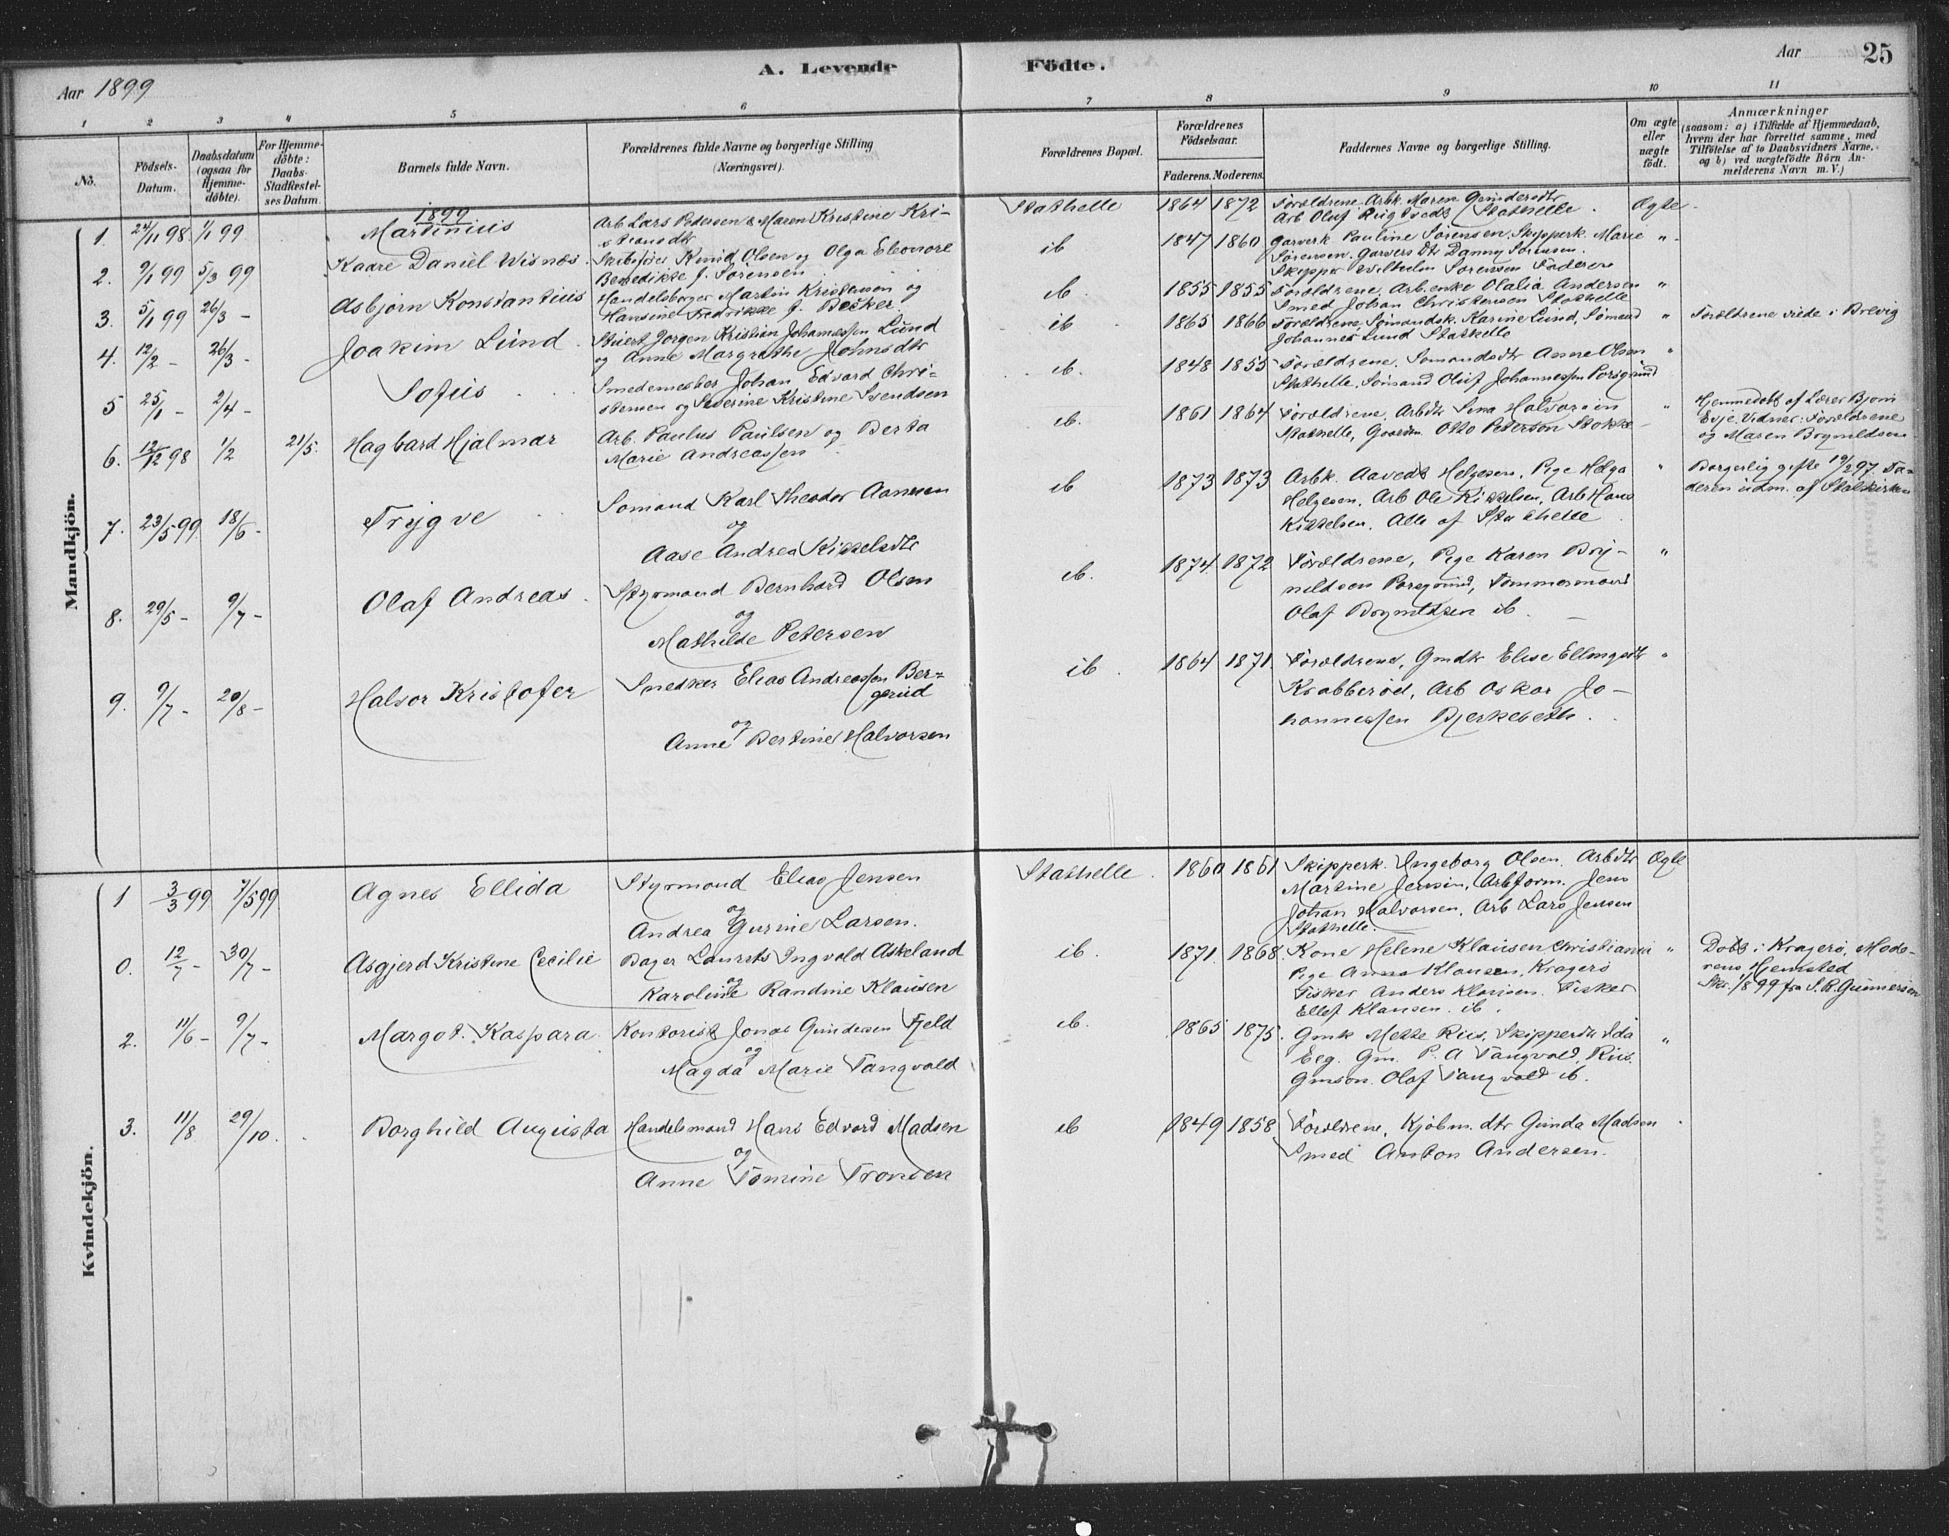 SAKO, Bamble kirkebøker, F/Fb/L0001: Ministerialbok nr. II 1, 1878-1899, s. 25